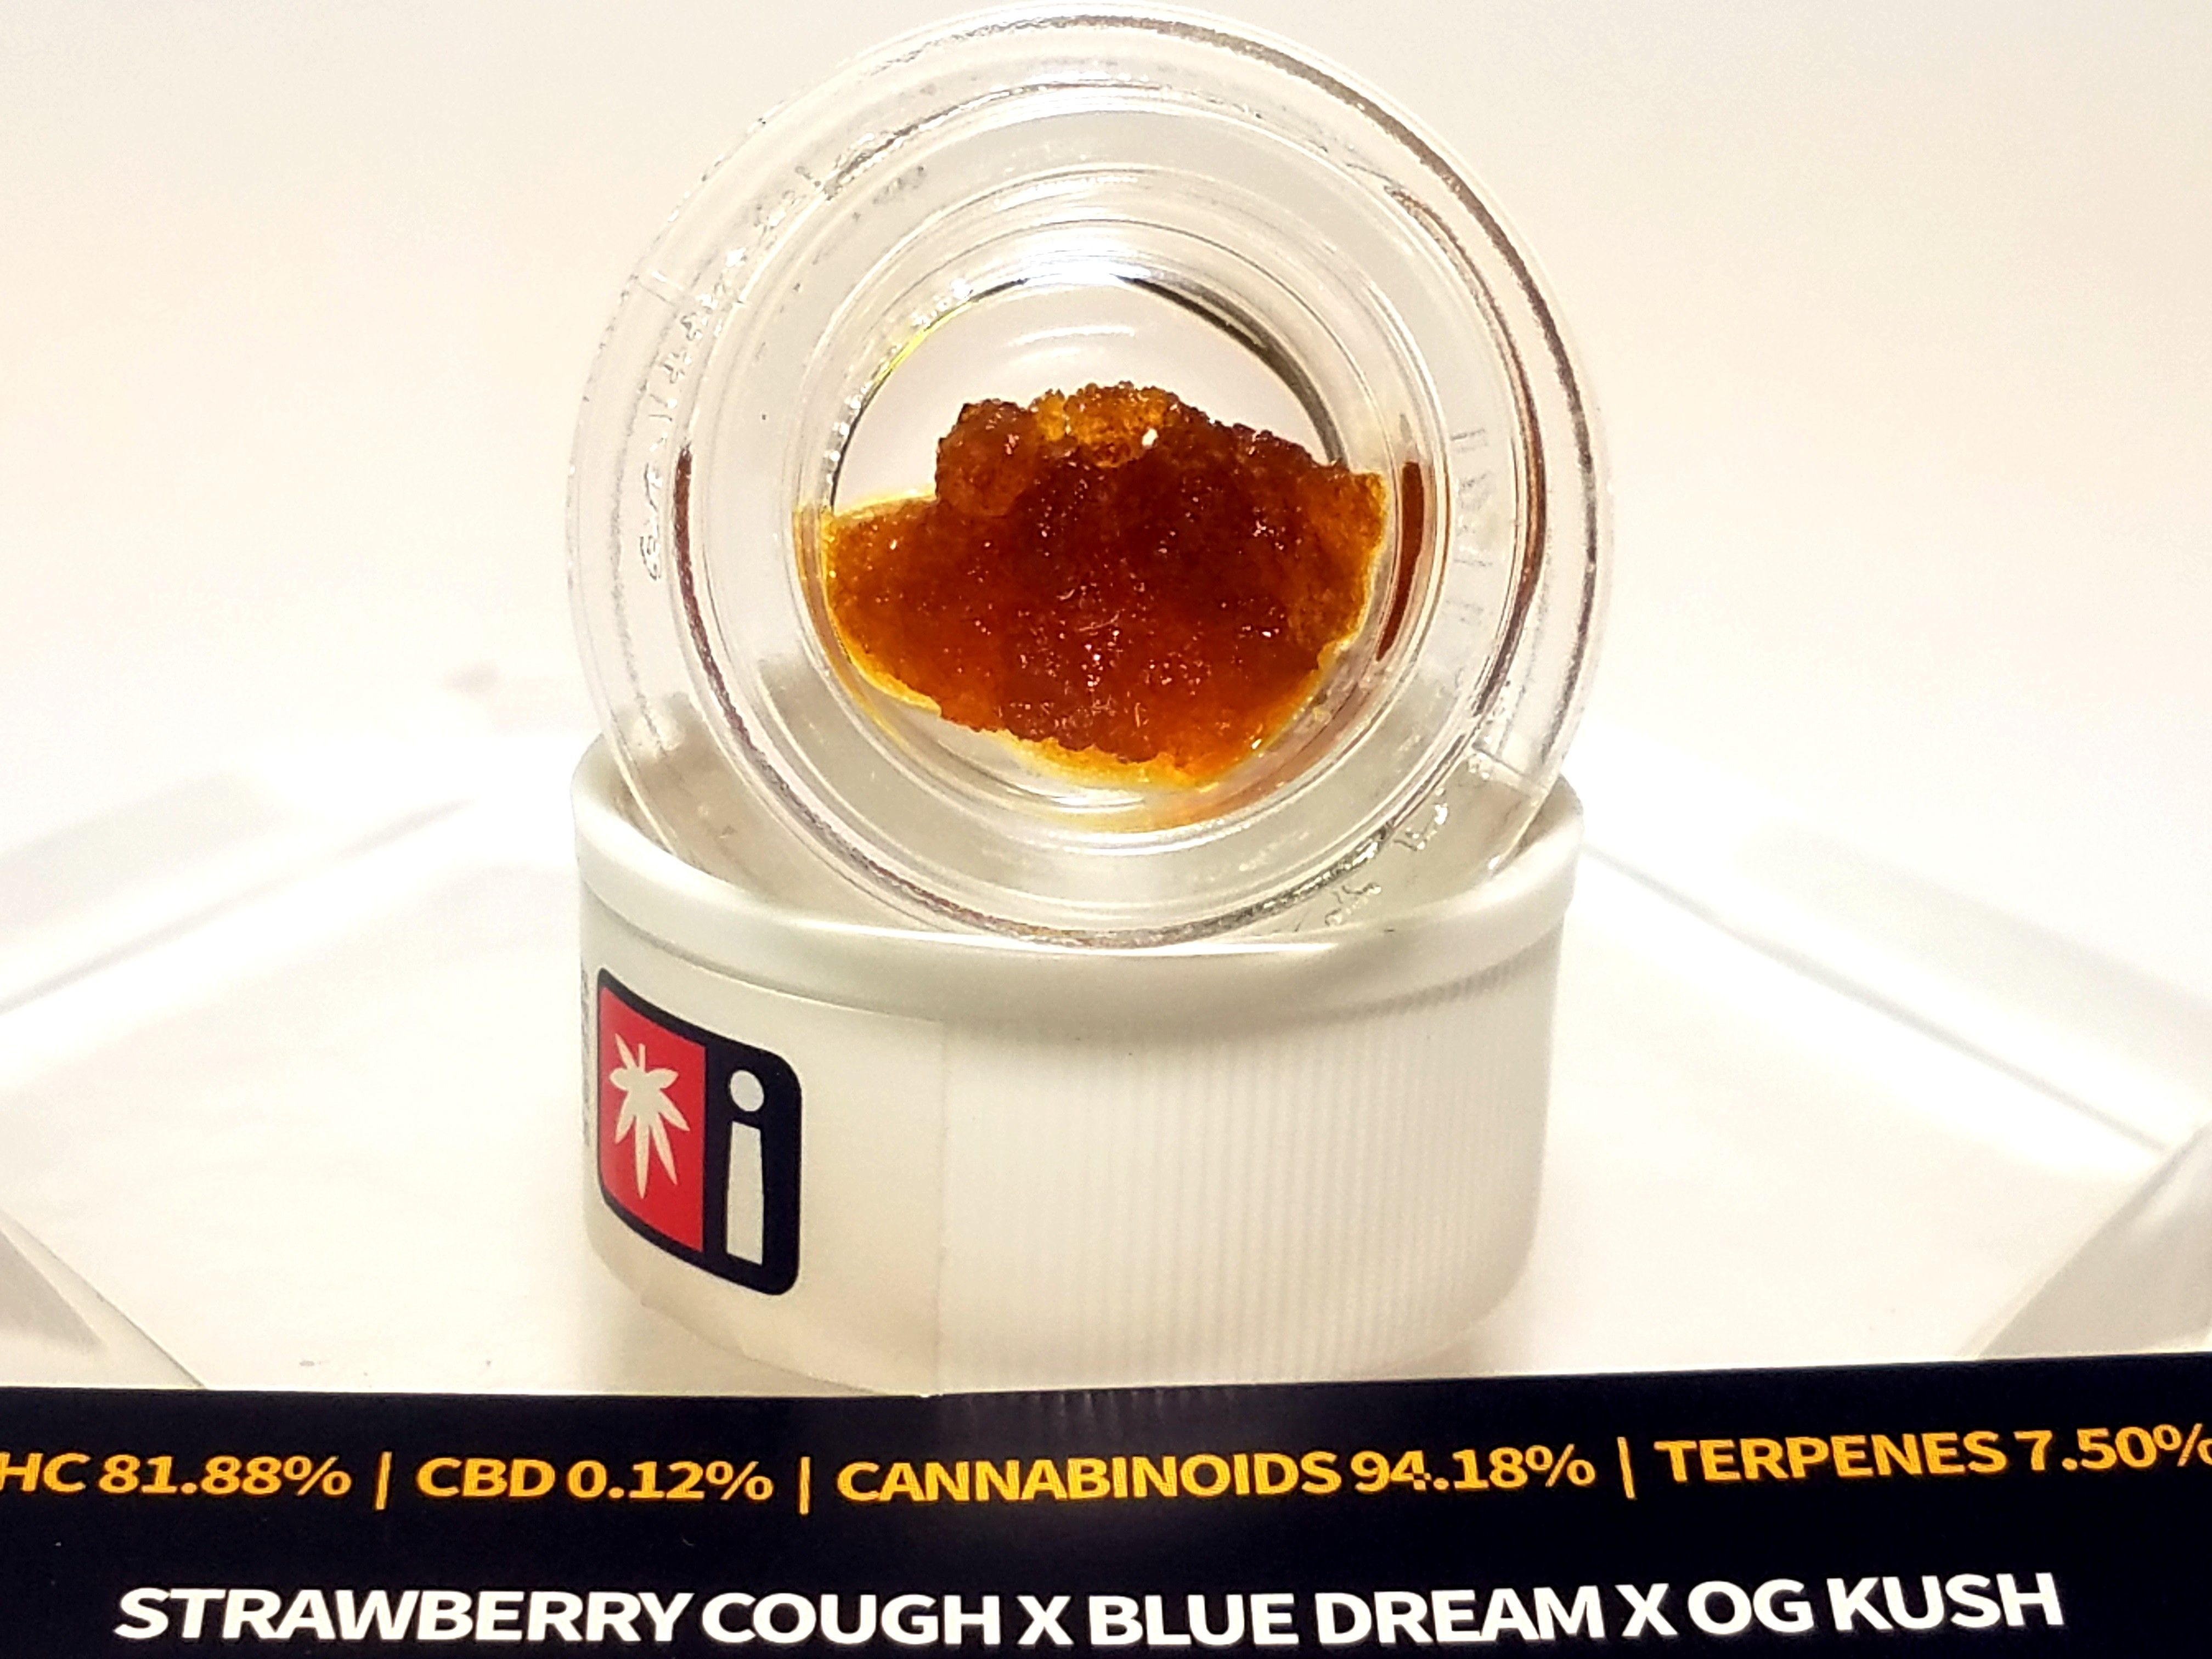 Bobsled - Strawberry Cough x Blue Dream x OG Kush, Hybrid, Live Resin